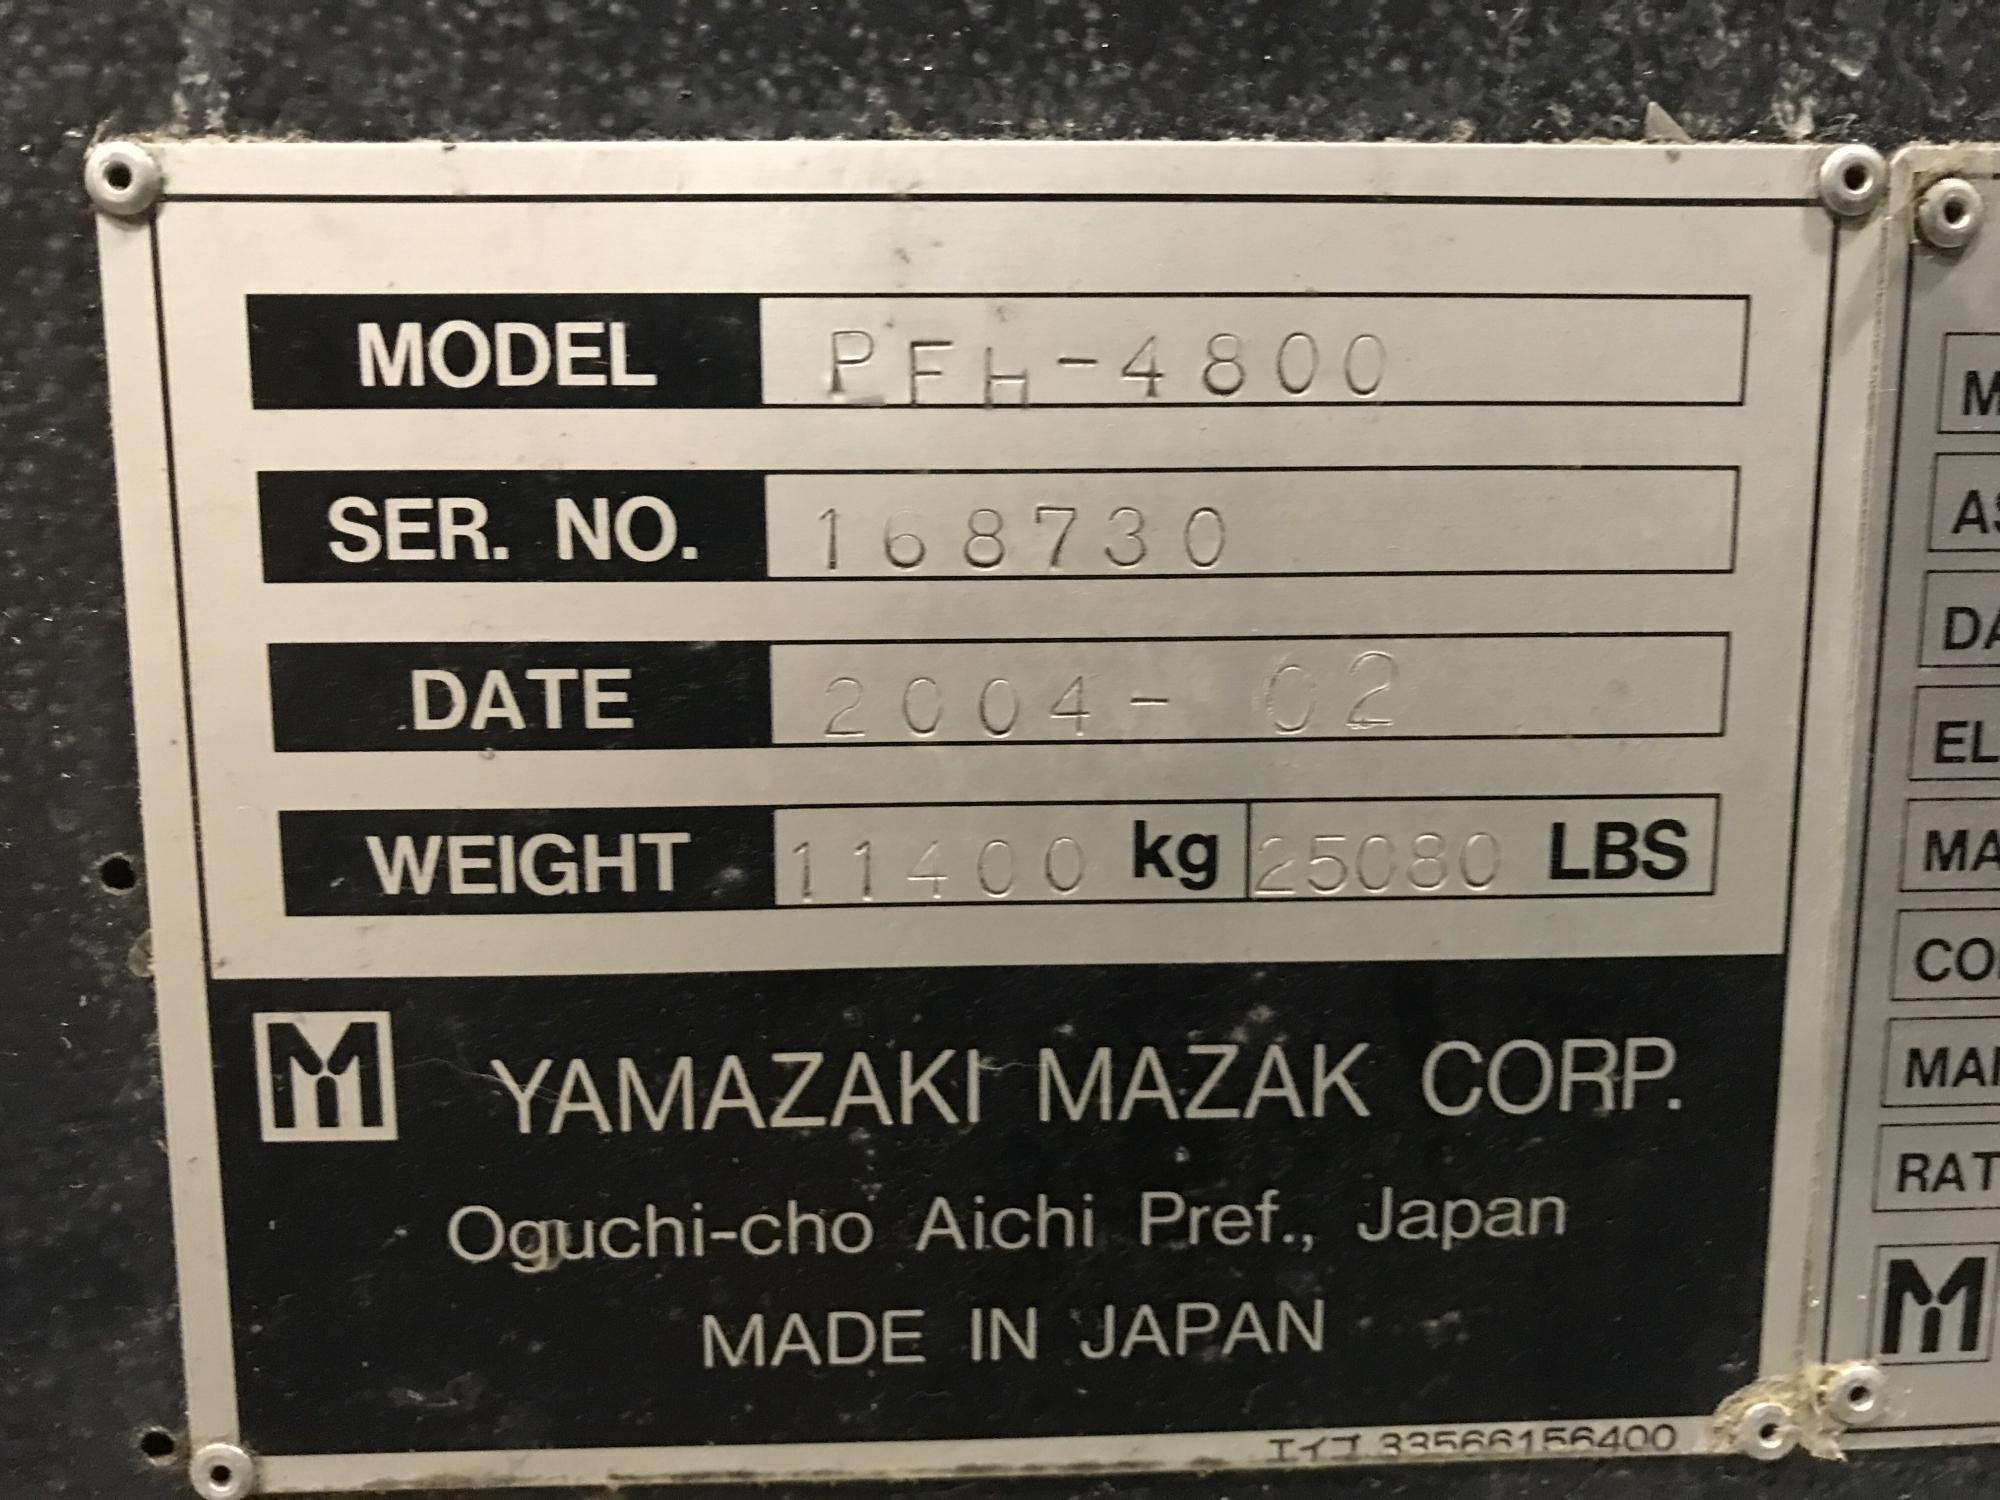 2004 MAZAK PFH-4800 - Horizontal Machining Center